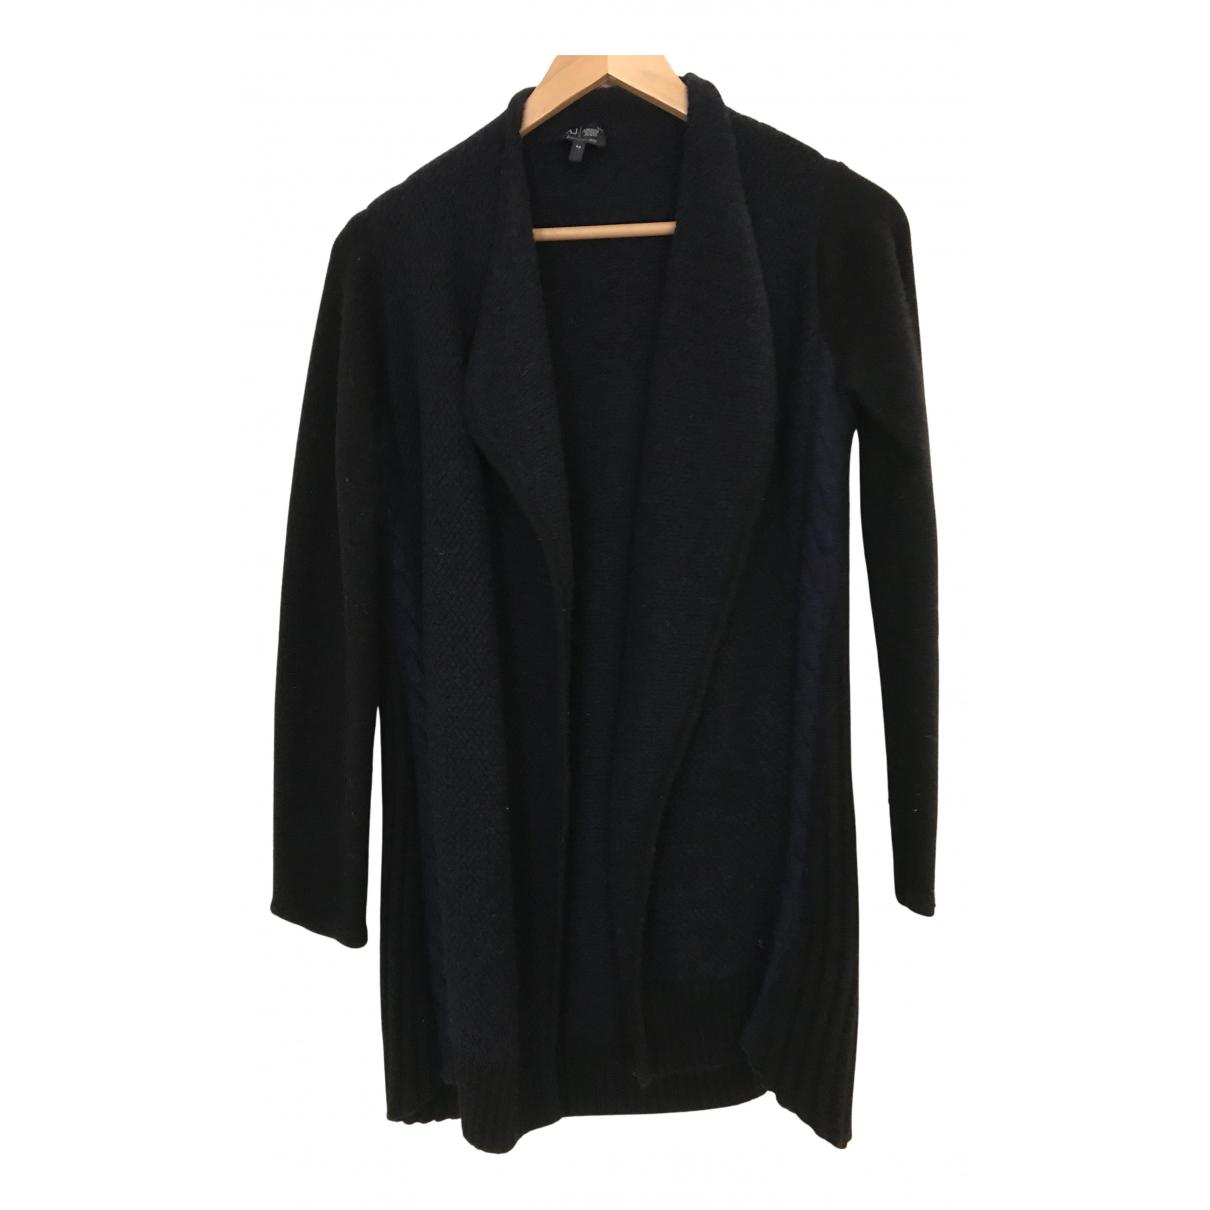 Armani Jeans N Black Wool Knitwear for Women 36 FR